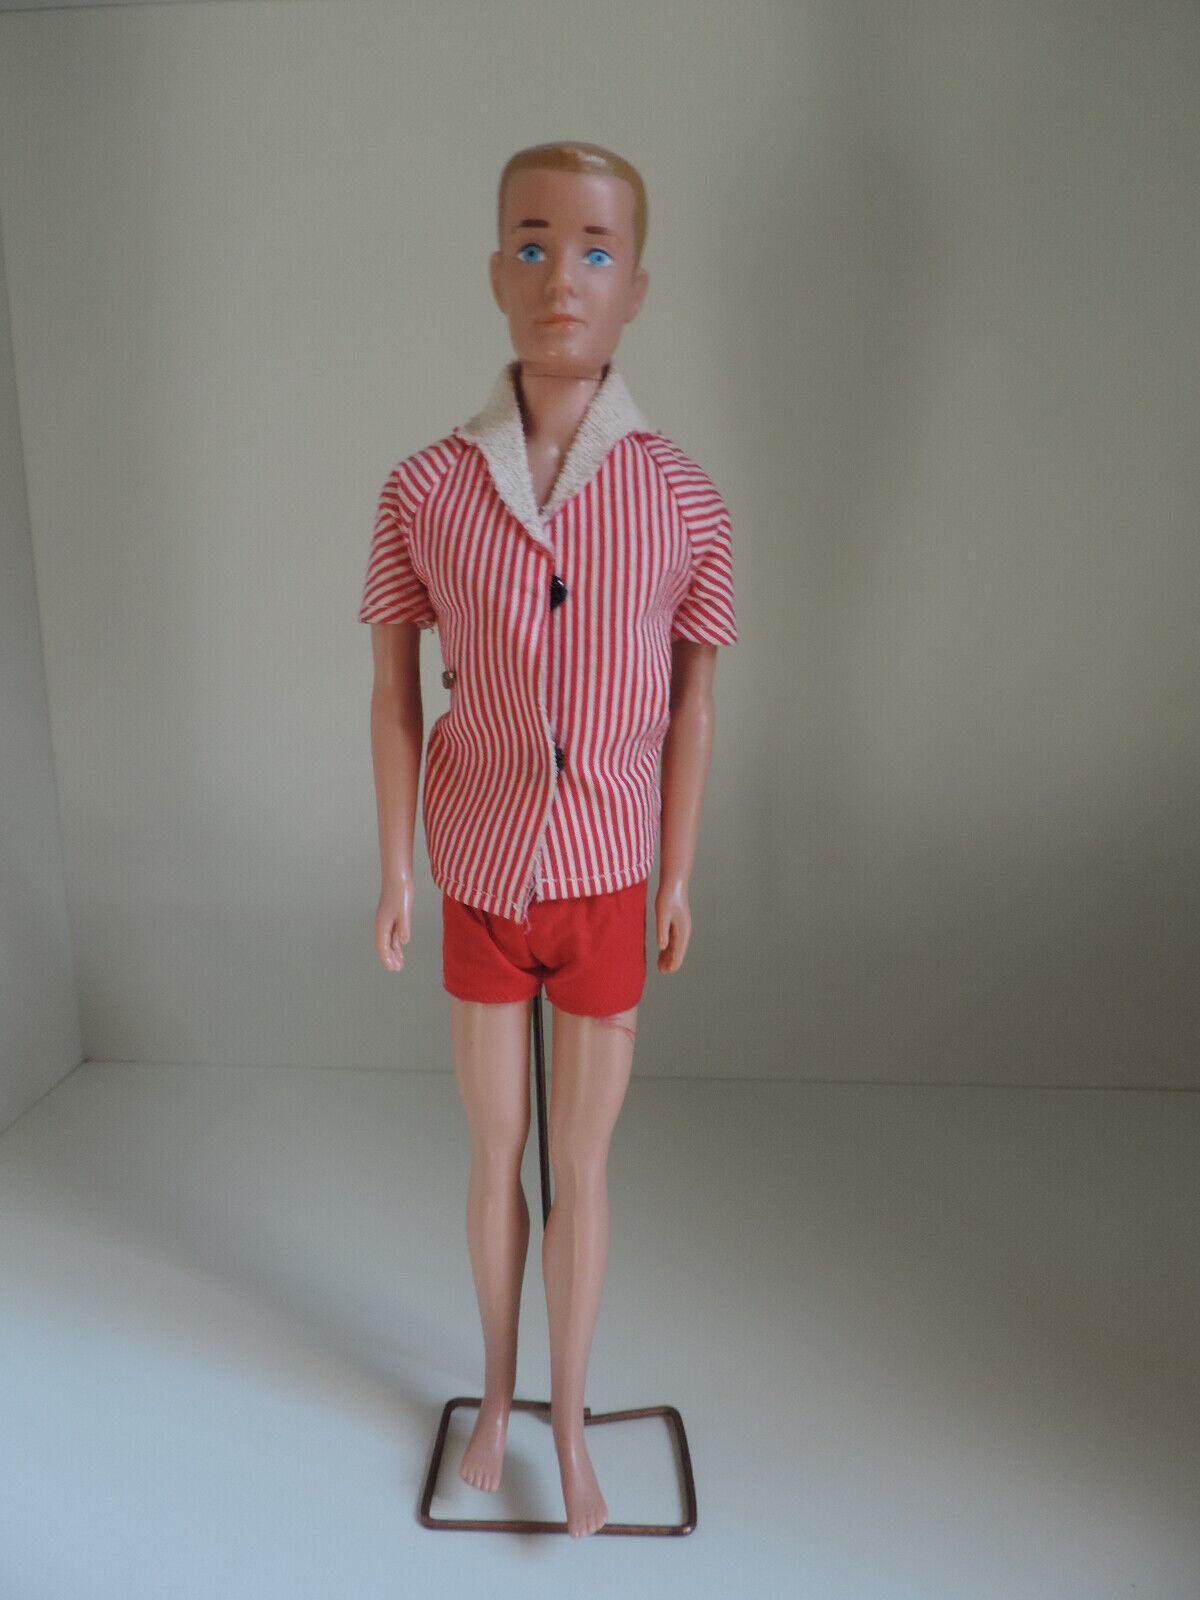 KEN,Puppe,Mattel Inc.C 1960 ,Hawthorne,Calif., USA